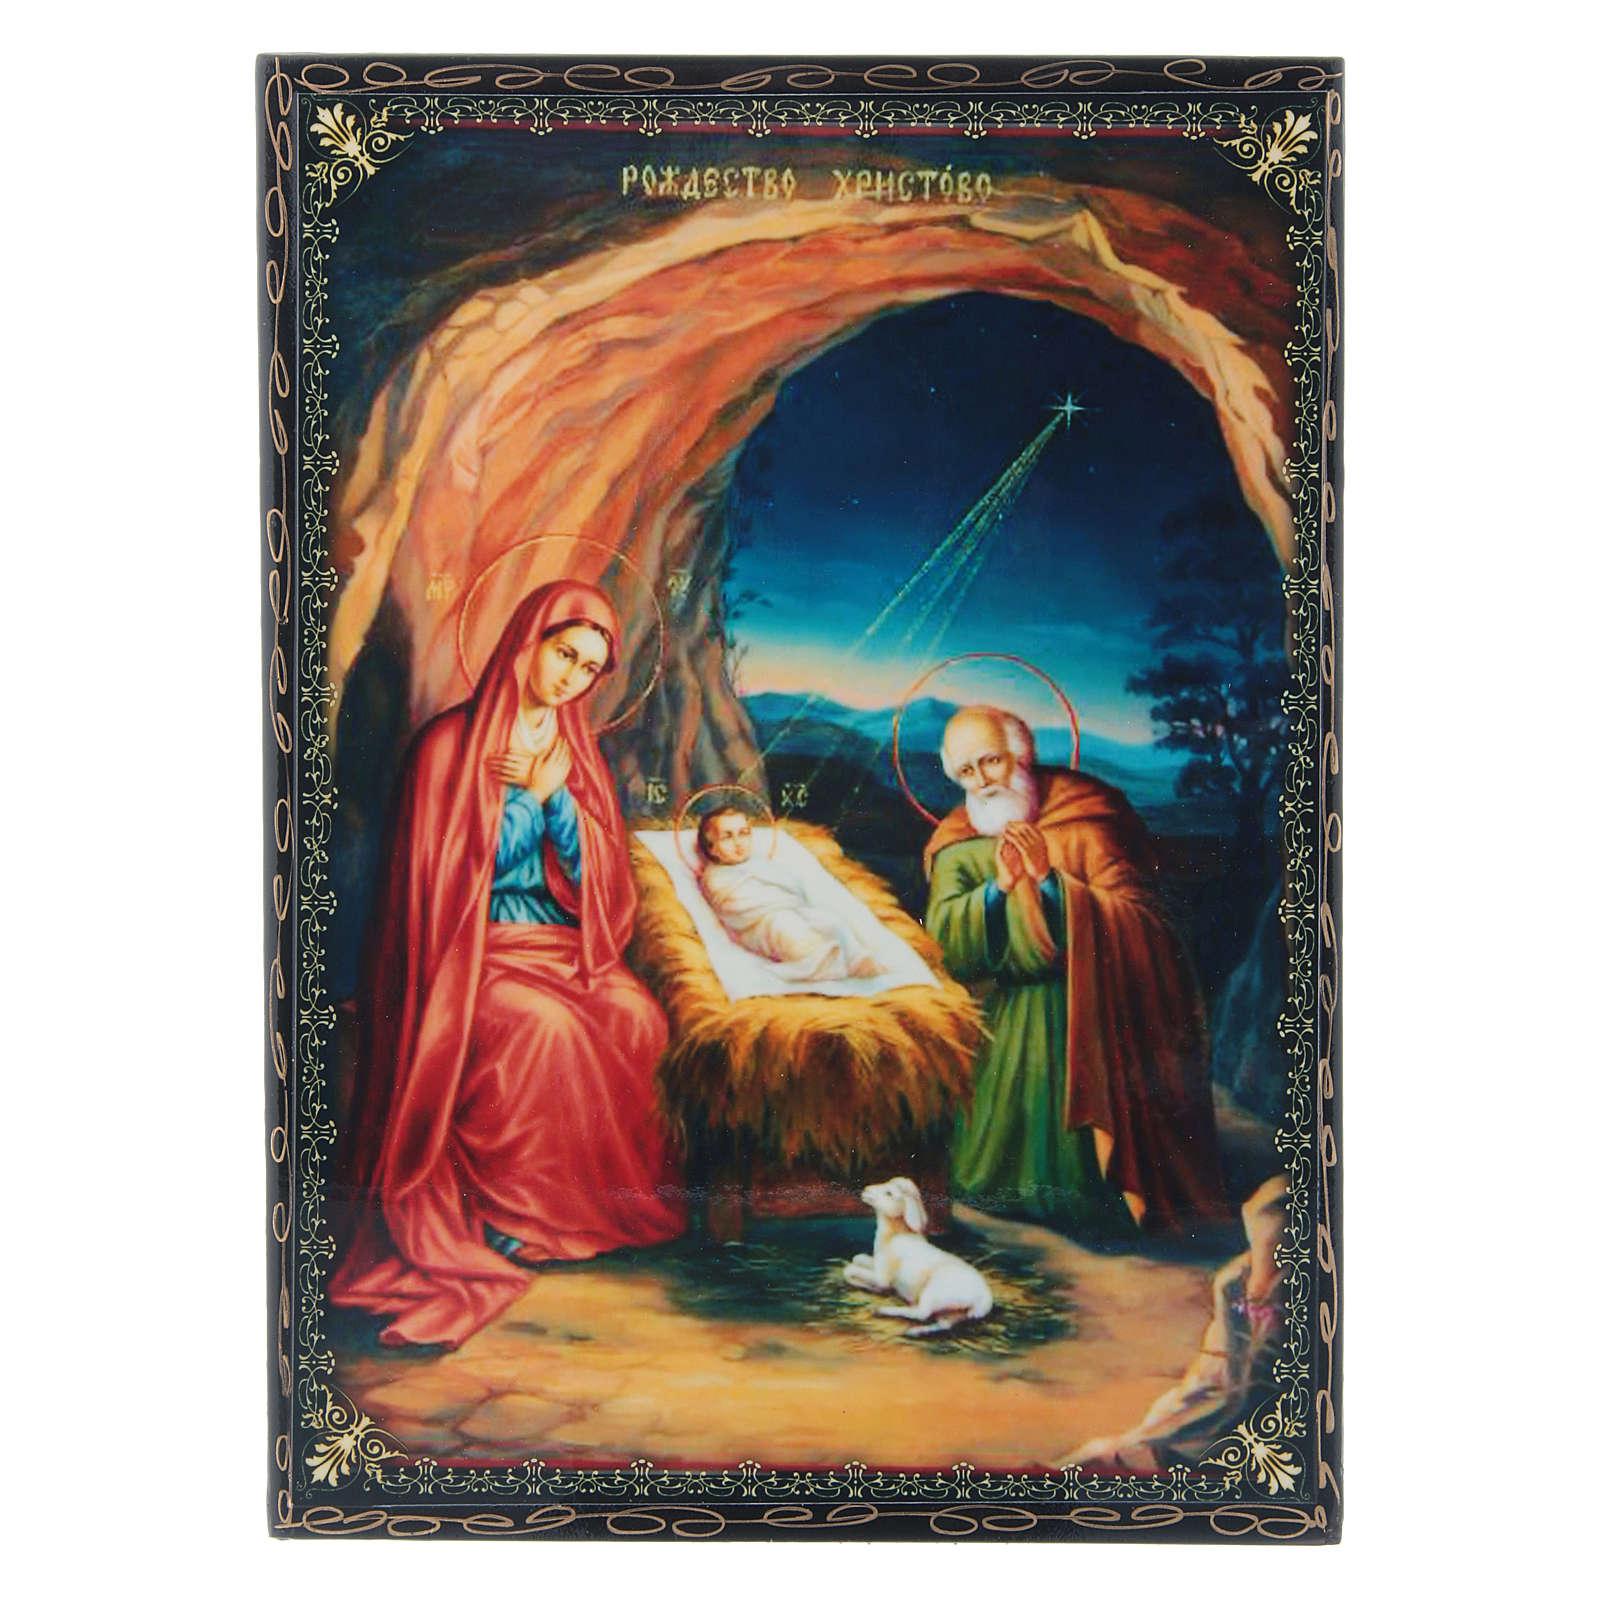 Scatola cartapesta decorata decoupage La Nascita di Gesù Cristo 22X16 cm 4